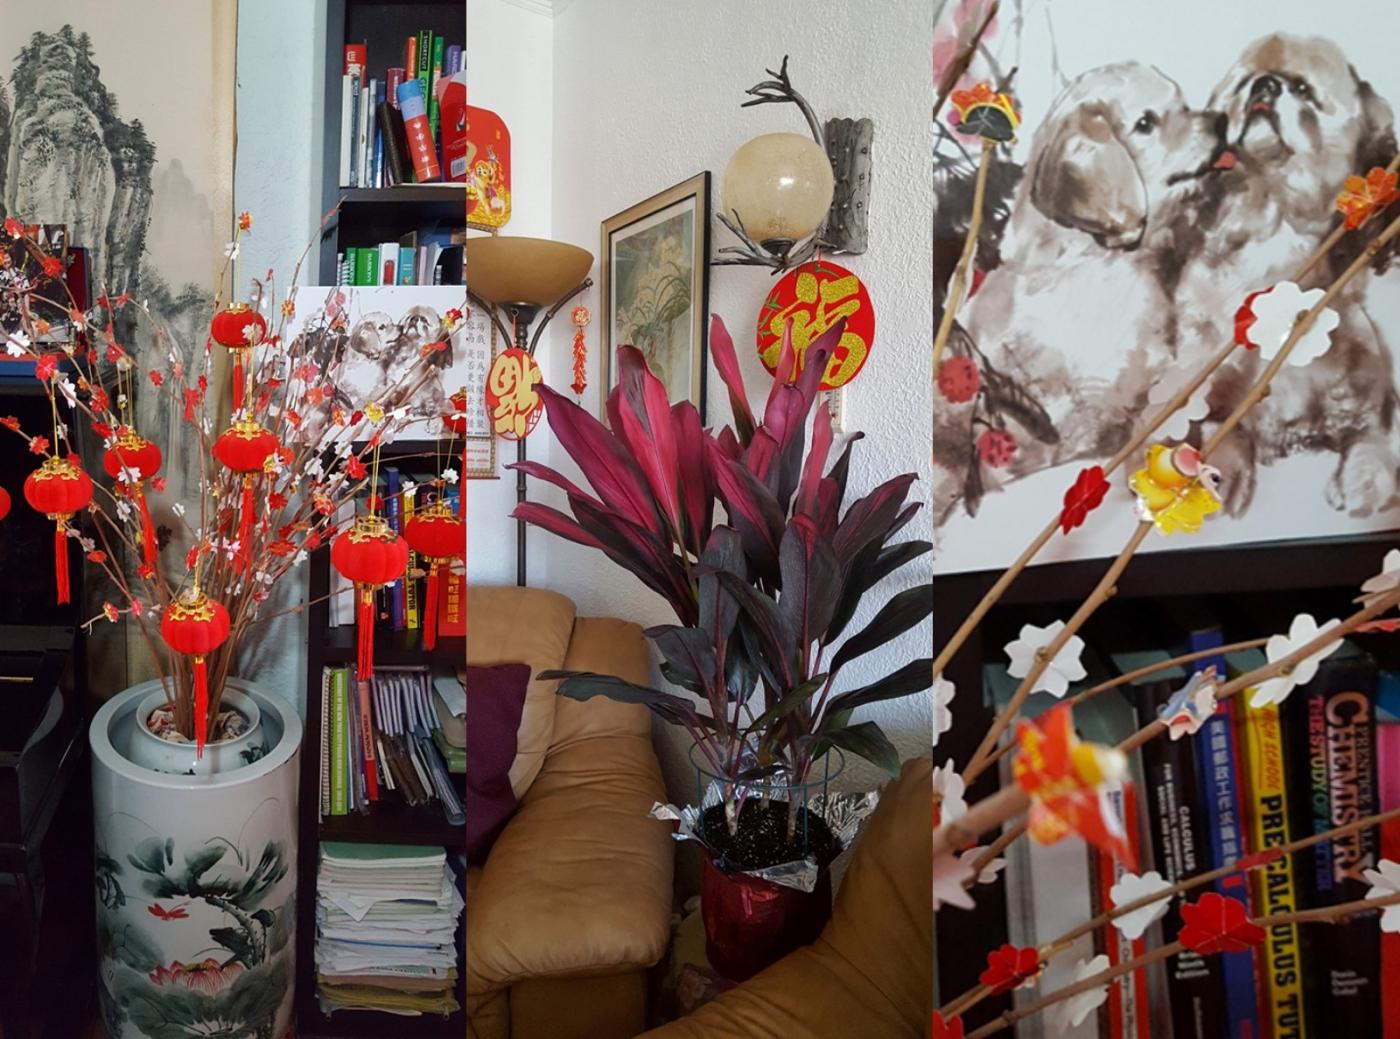 [田螺随拍]过年家居的装饰也是对父母亲的一种传承_图1-3